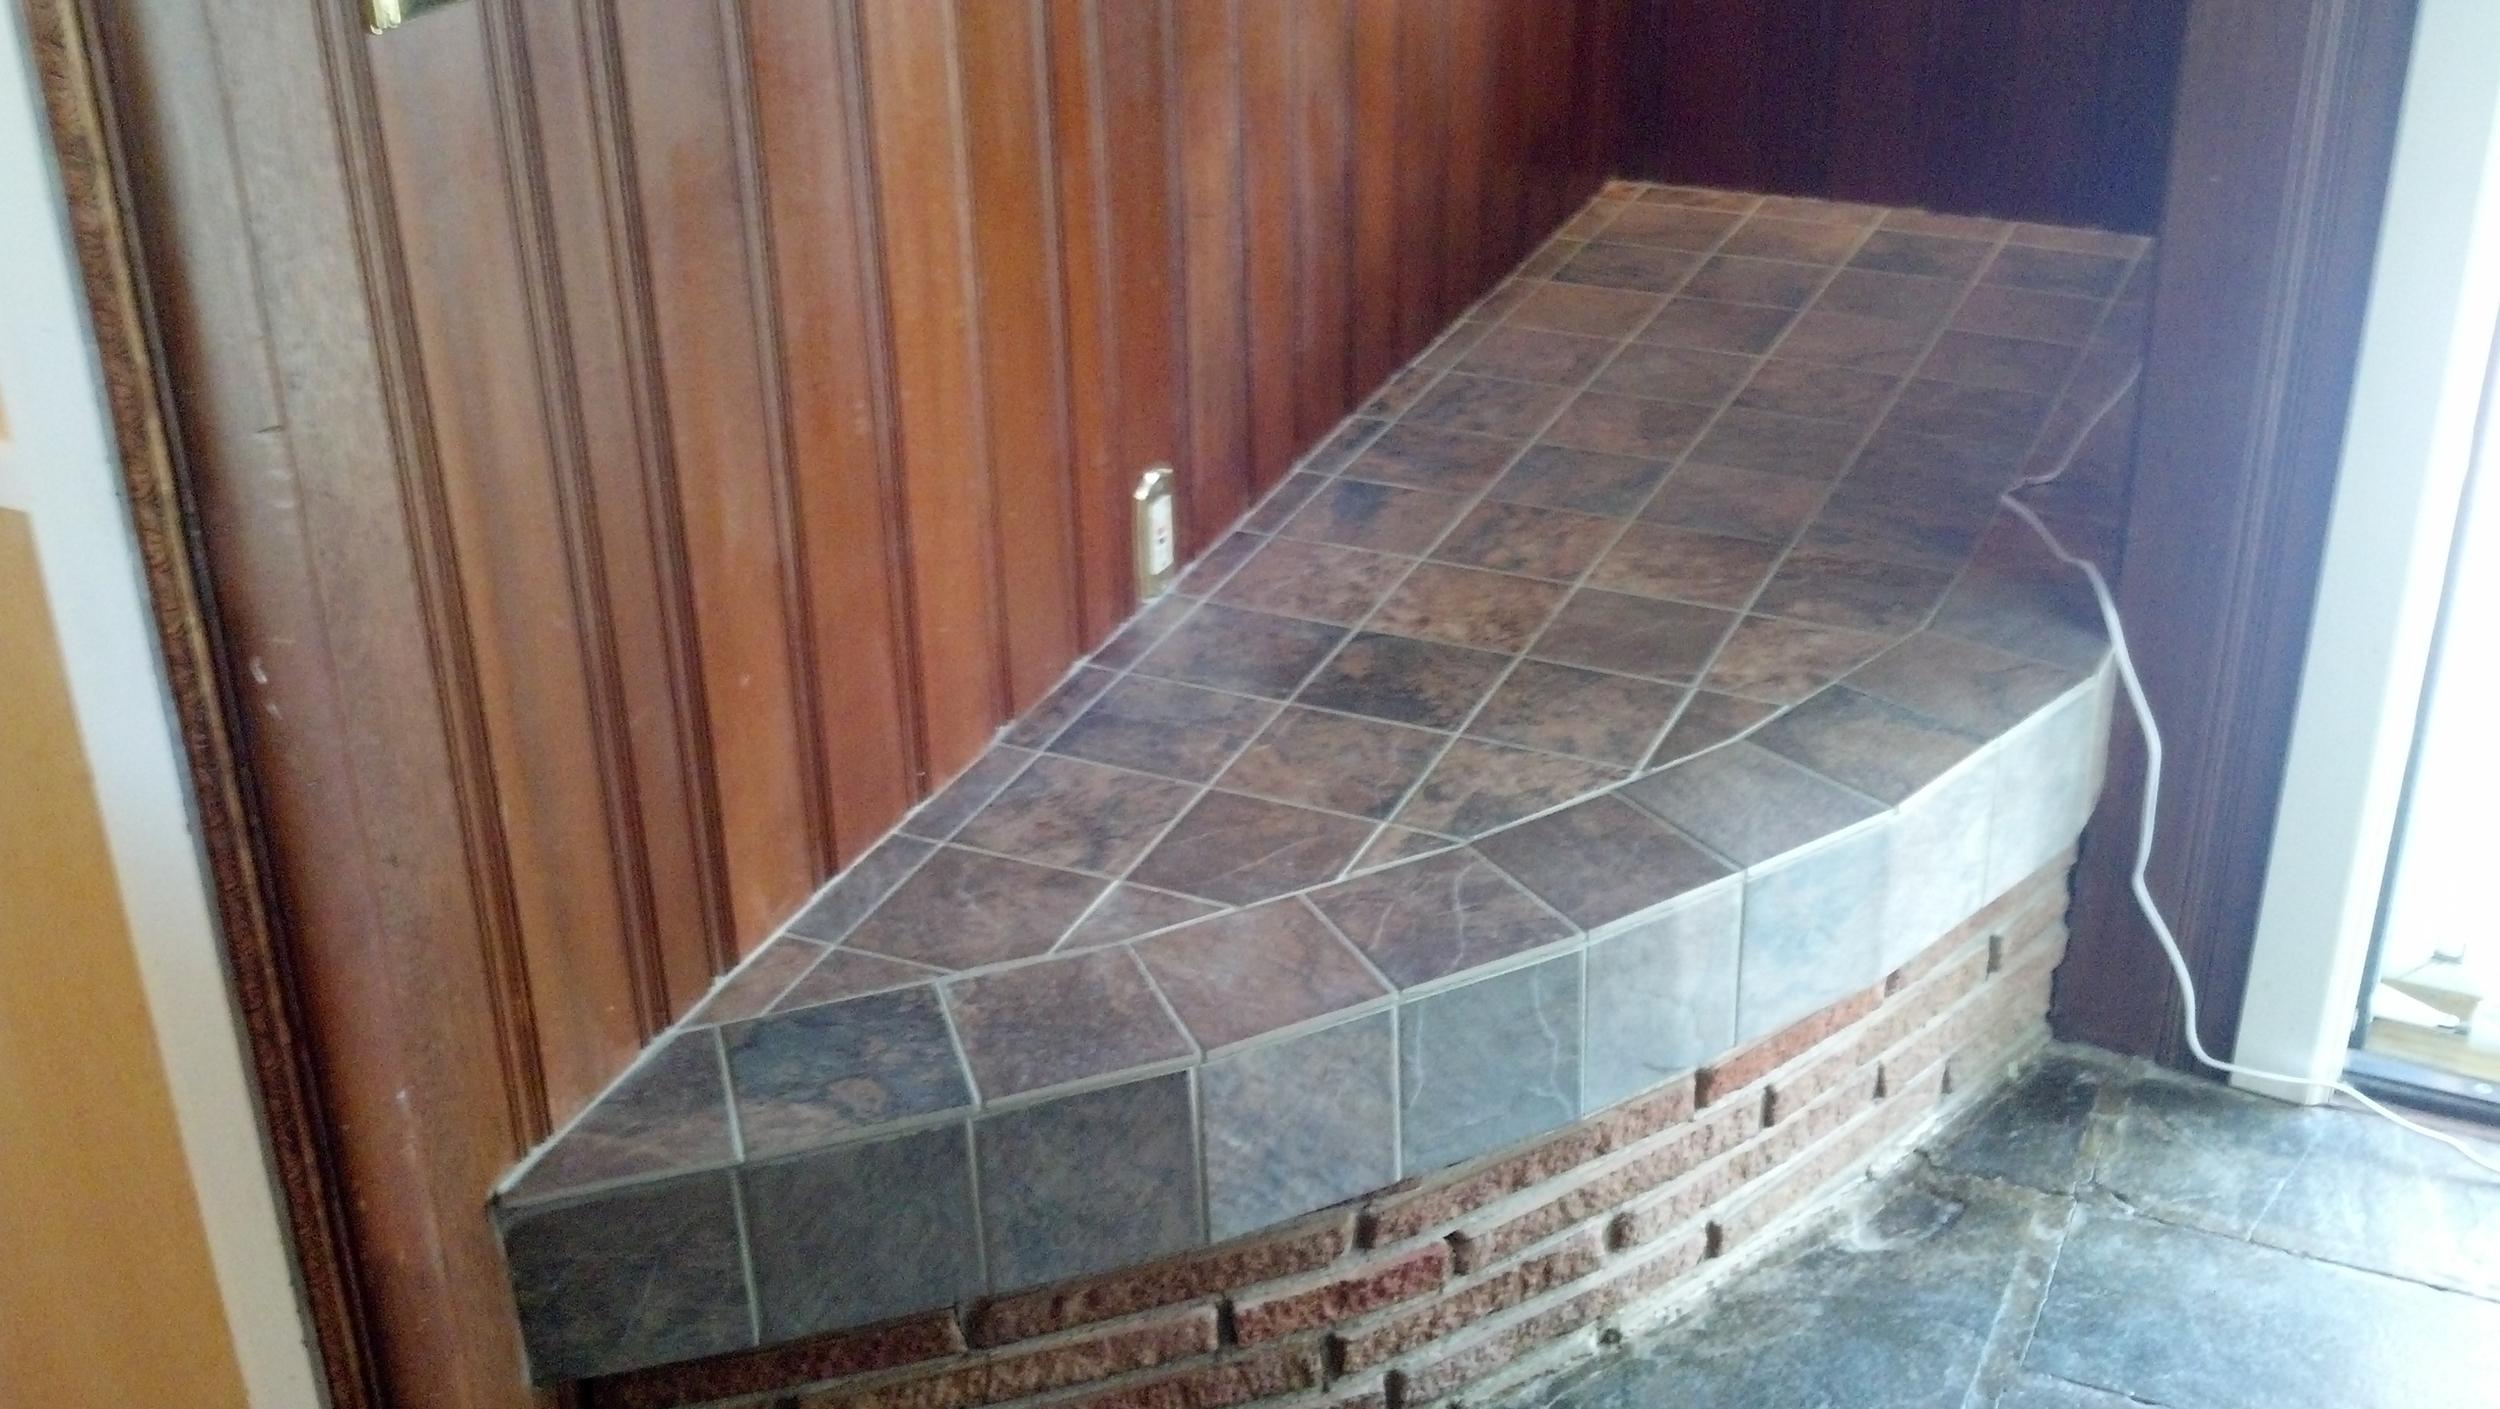 Terrace Park Tile work Carpentry